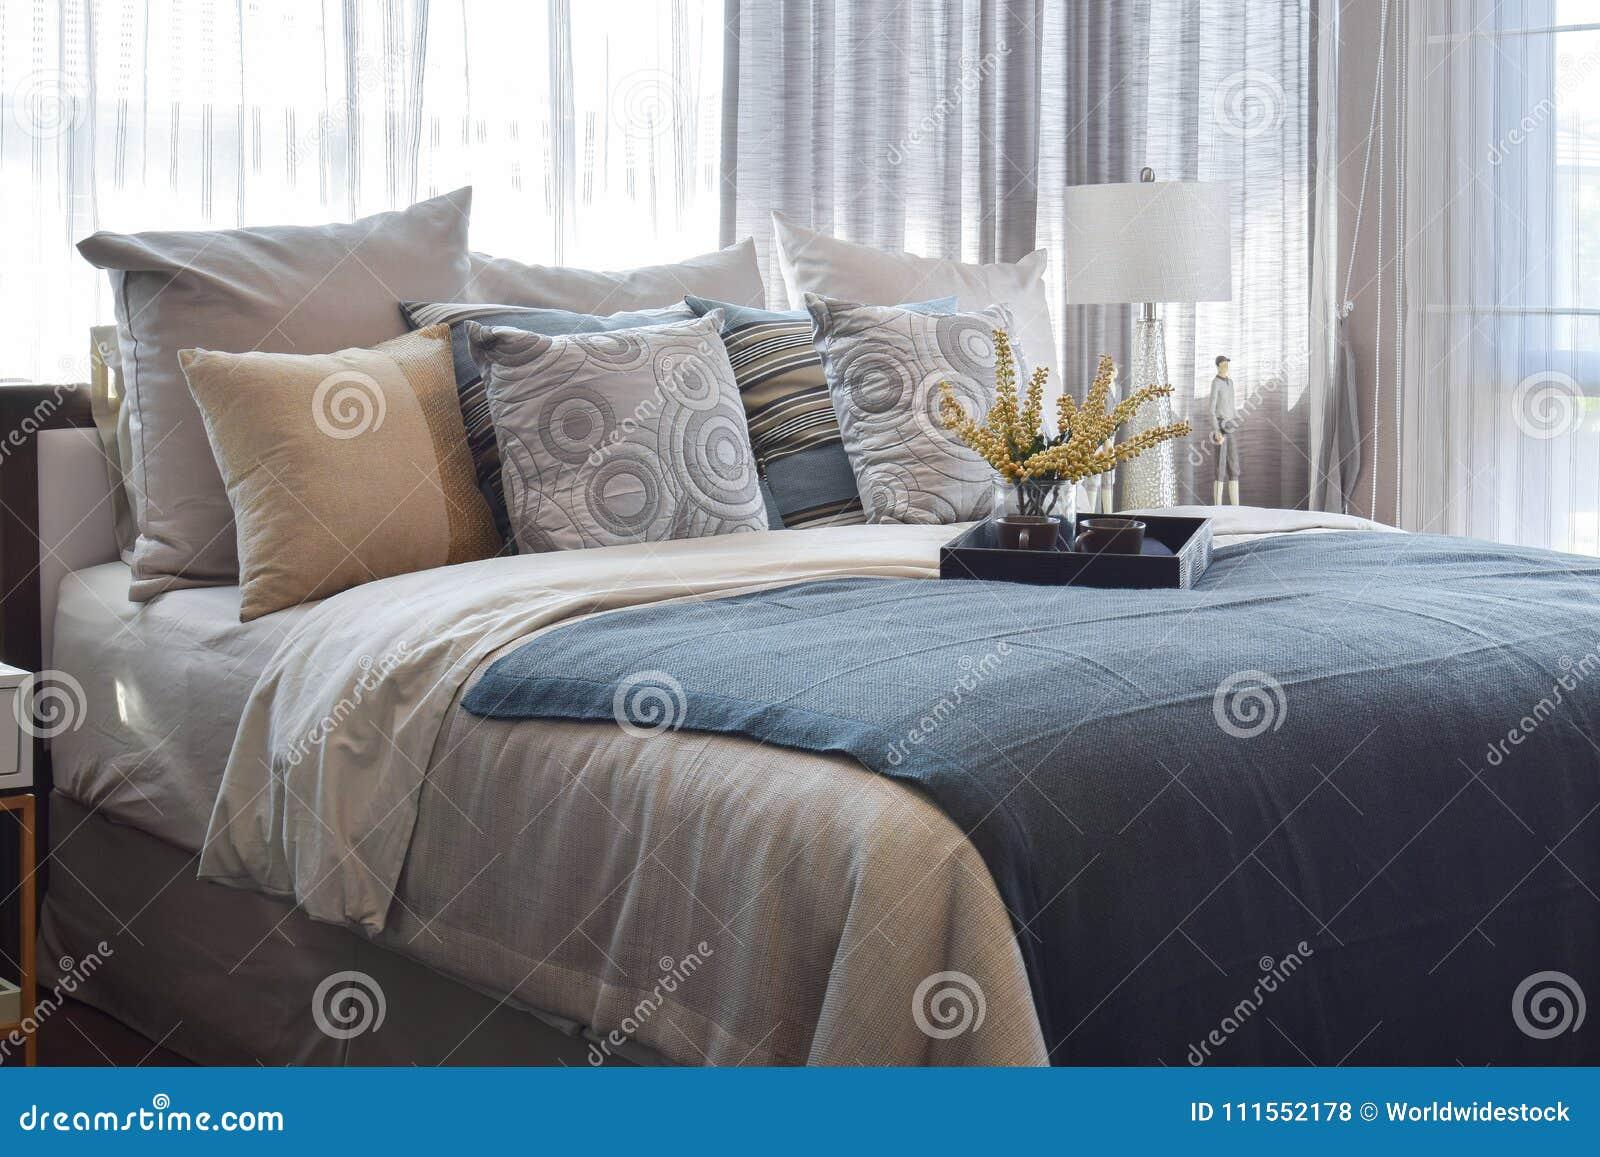 有镶边枕头的豪华卧室和在床上的装饰茶具